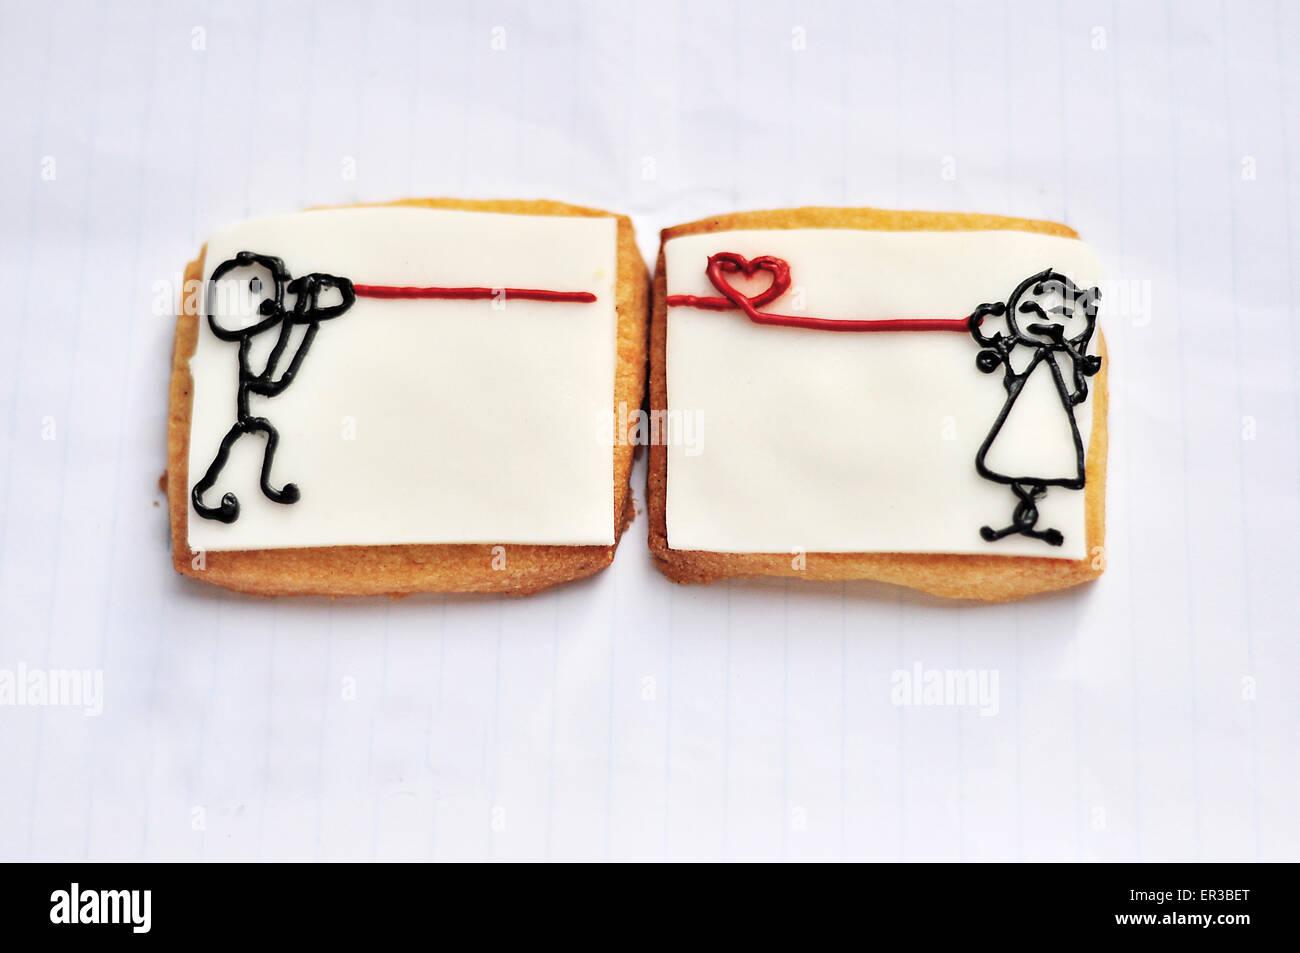 Fromage cracker avec dessins d'une fille de parler à un garçon à l'aide de l'étain Photo Stock